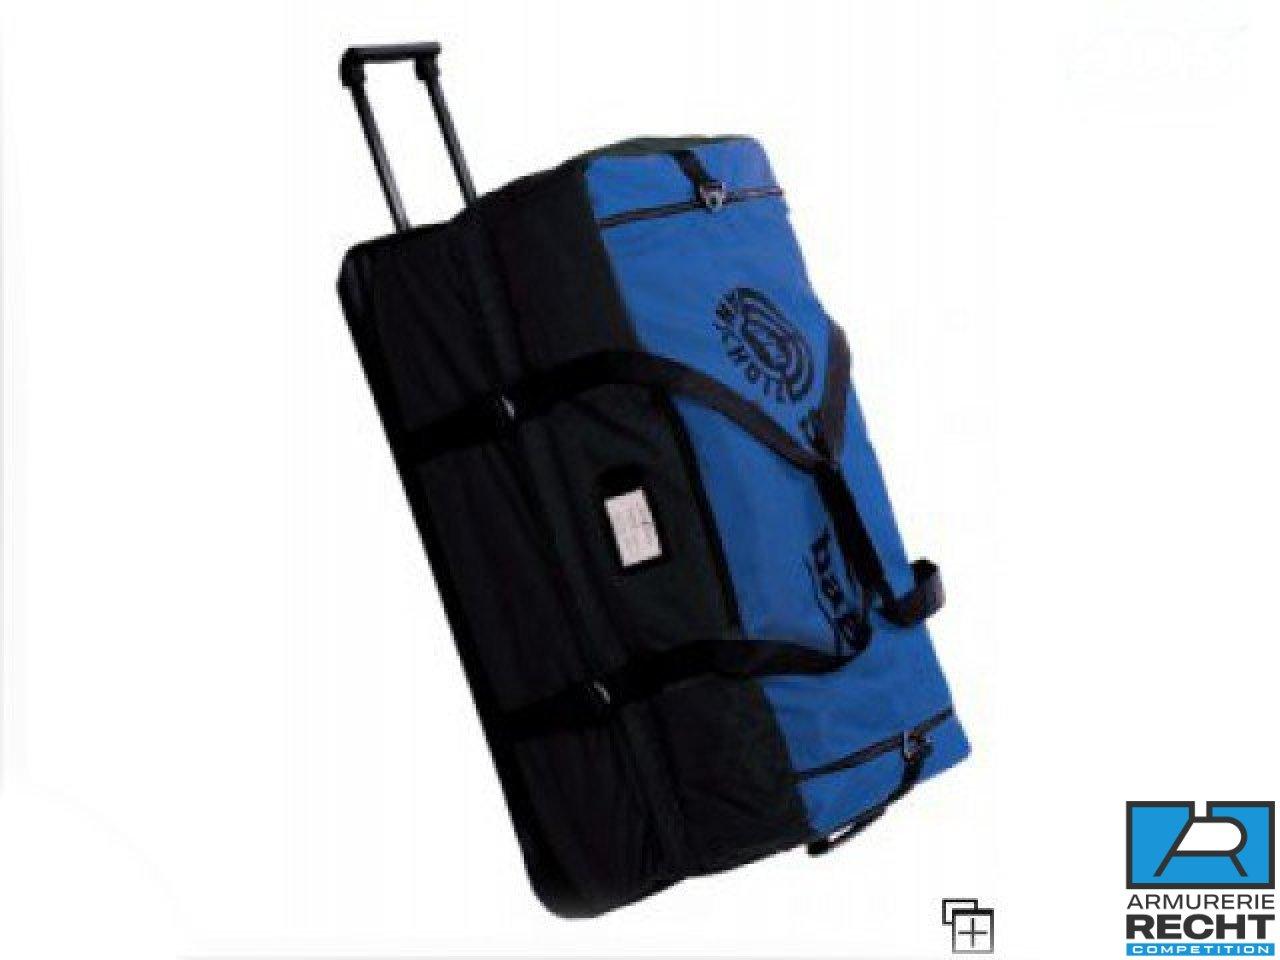 Bag Big' Accessoires 'sport Siglé Carabinier De Sac Ahg Sport tq4RZz